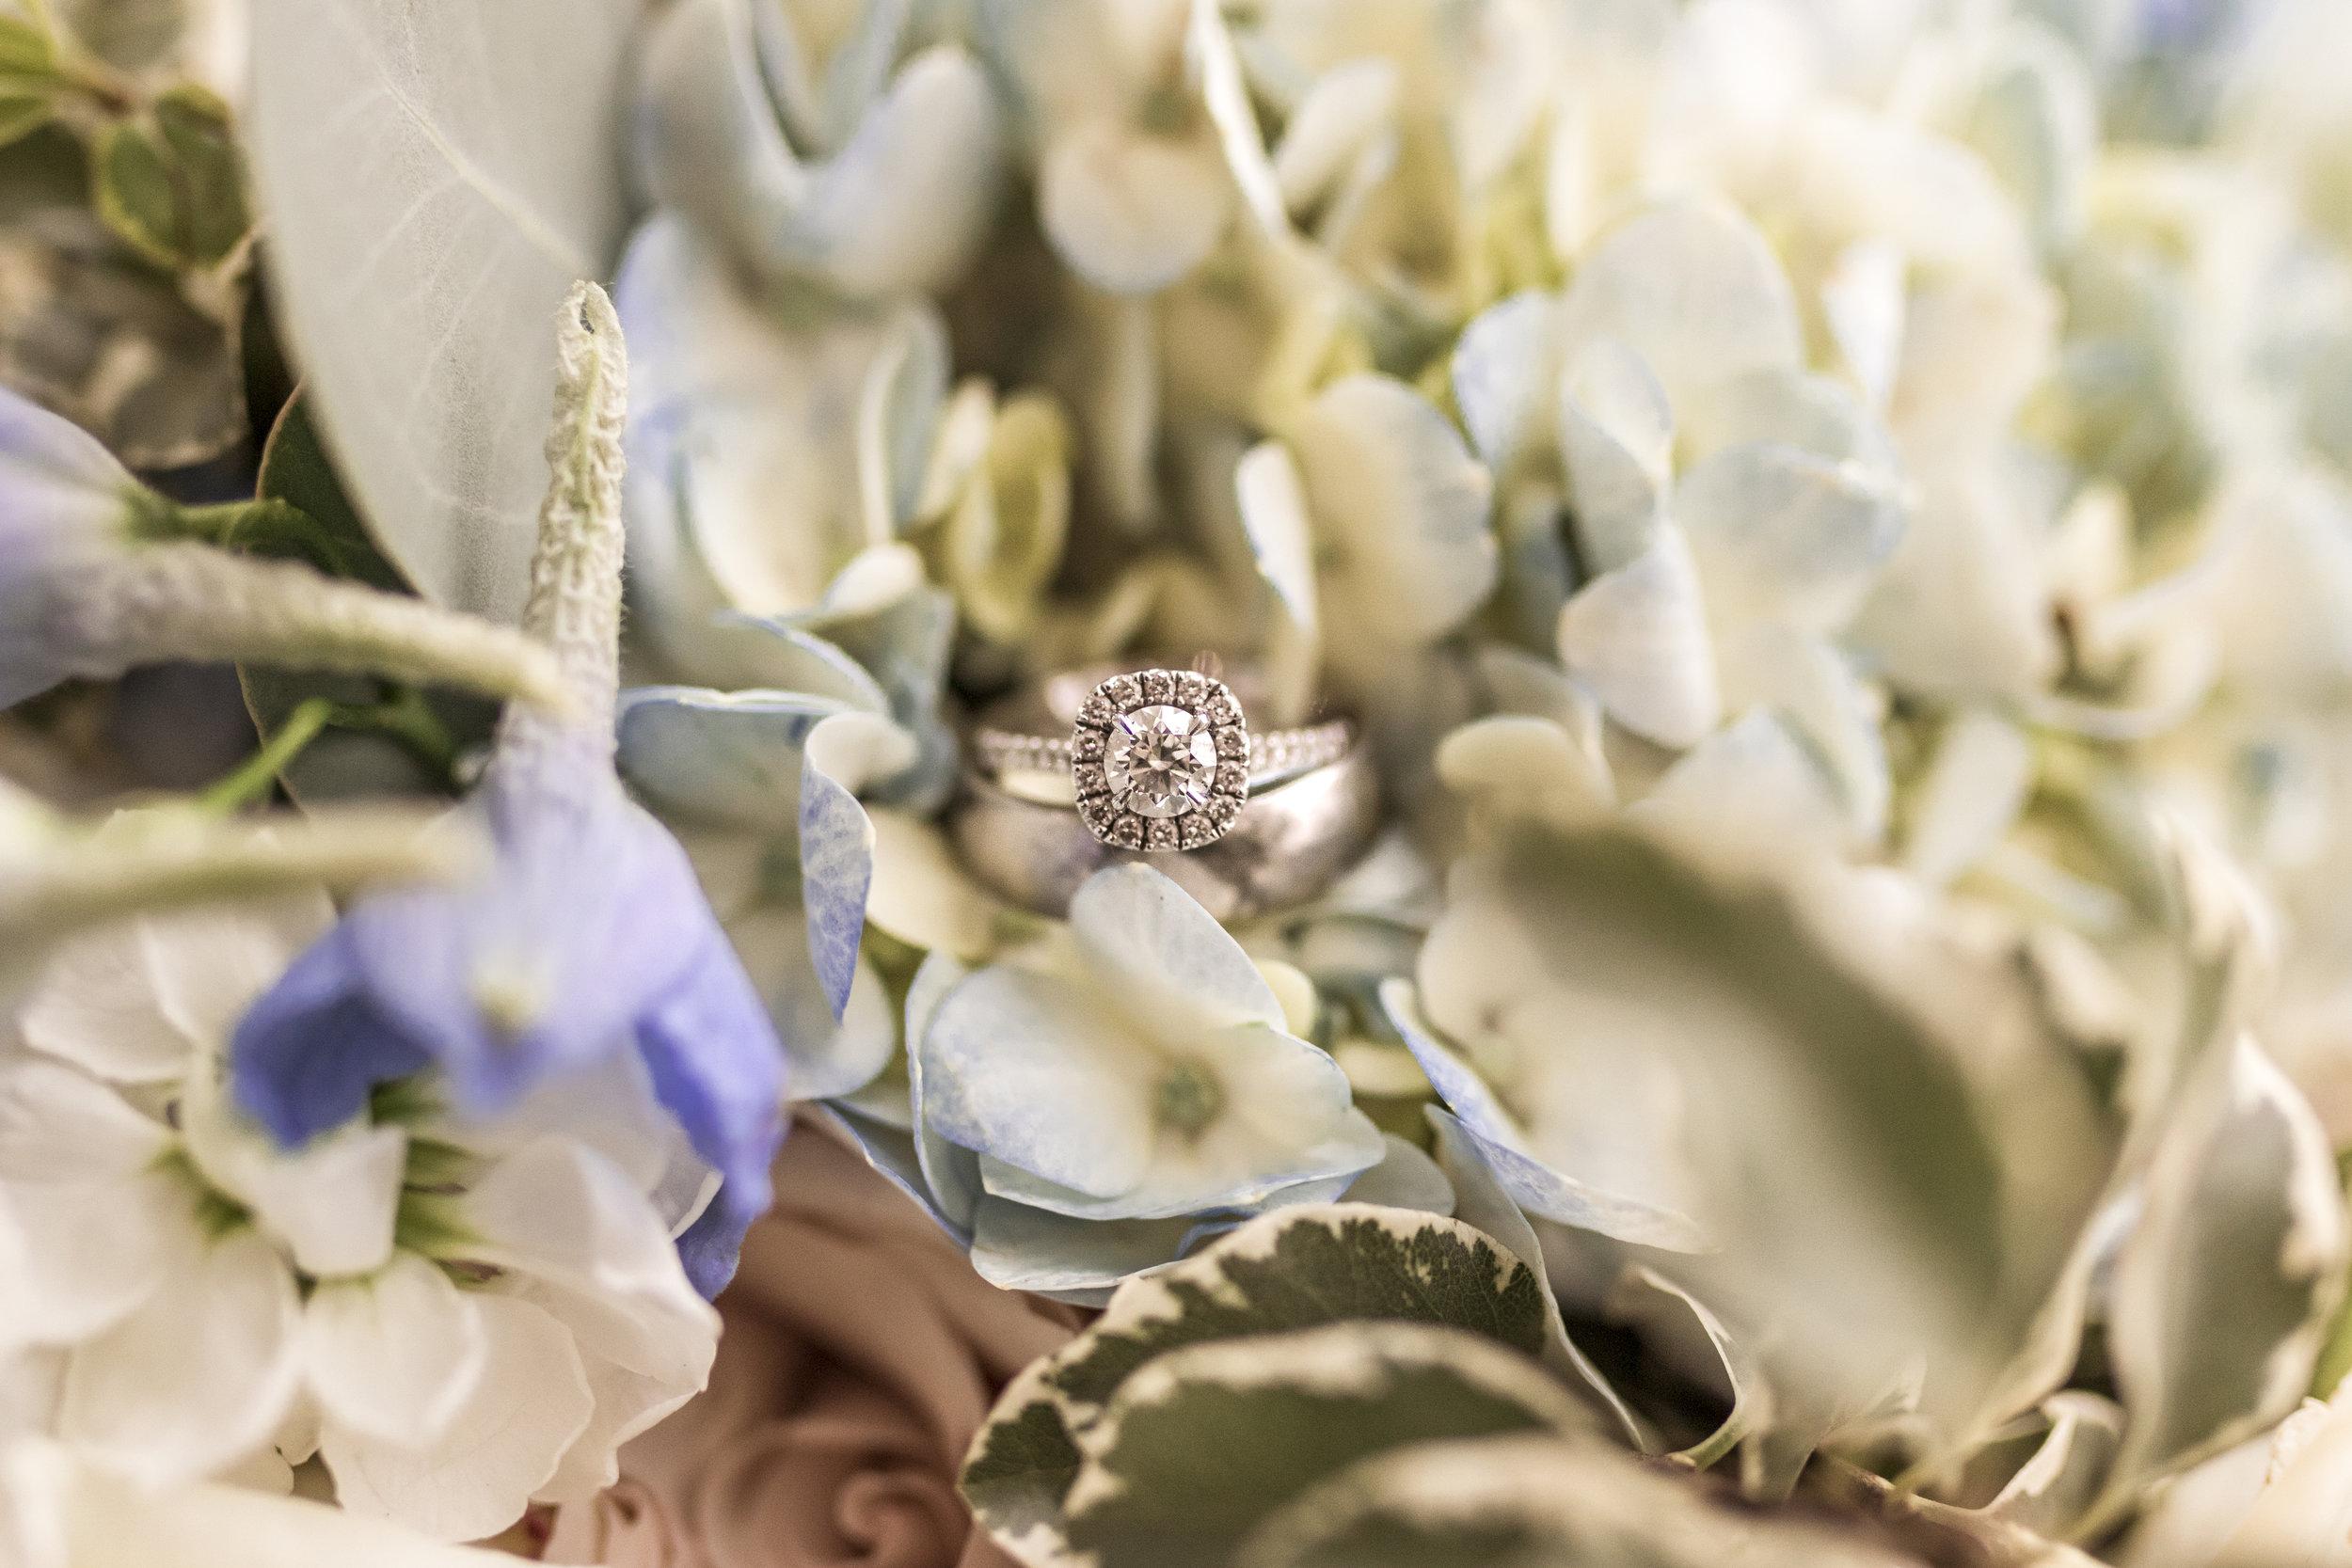 Utah Winter Bridal Session in a downtown Salt Lake City natural light studioby Bri Bergman Photography17.JPG